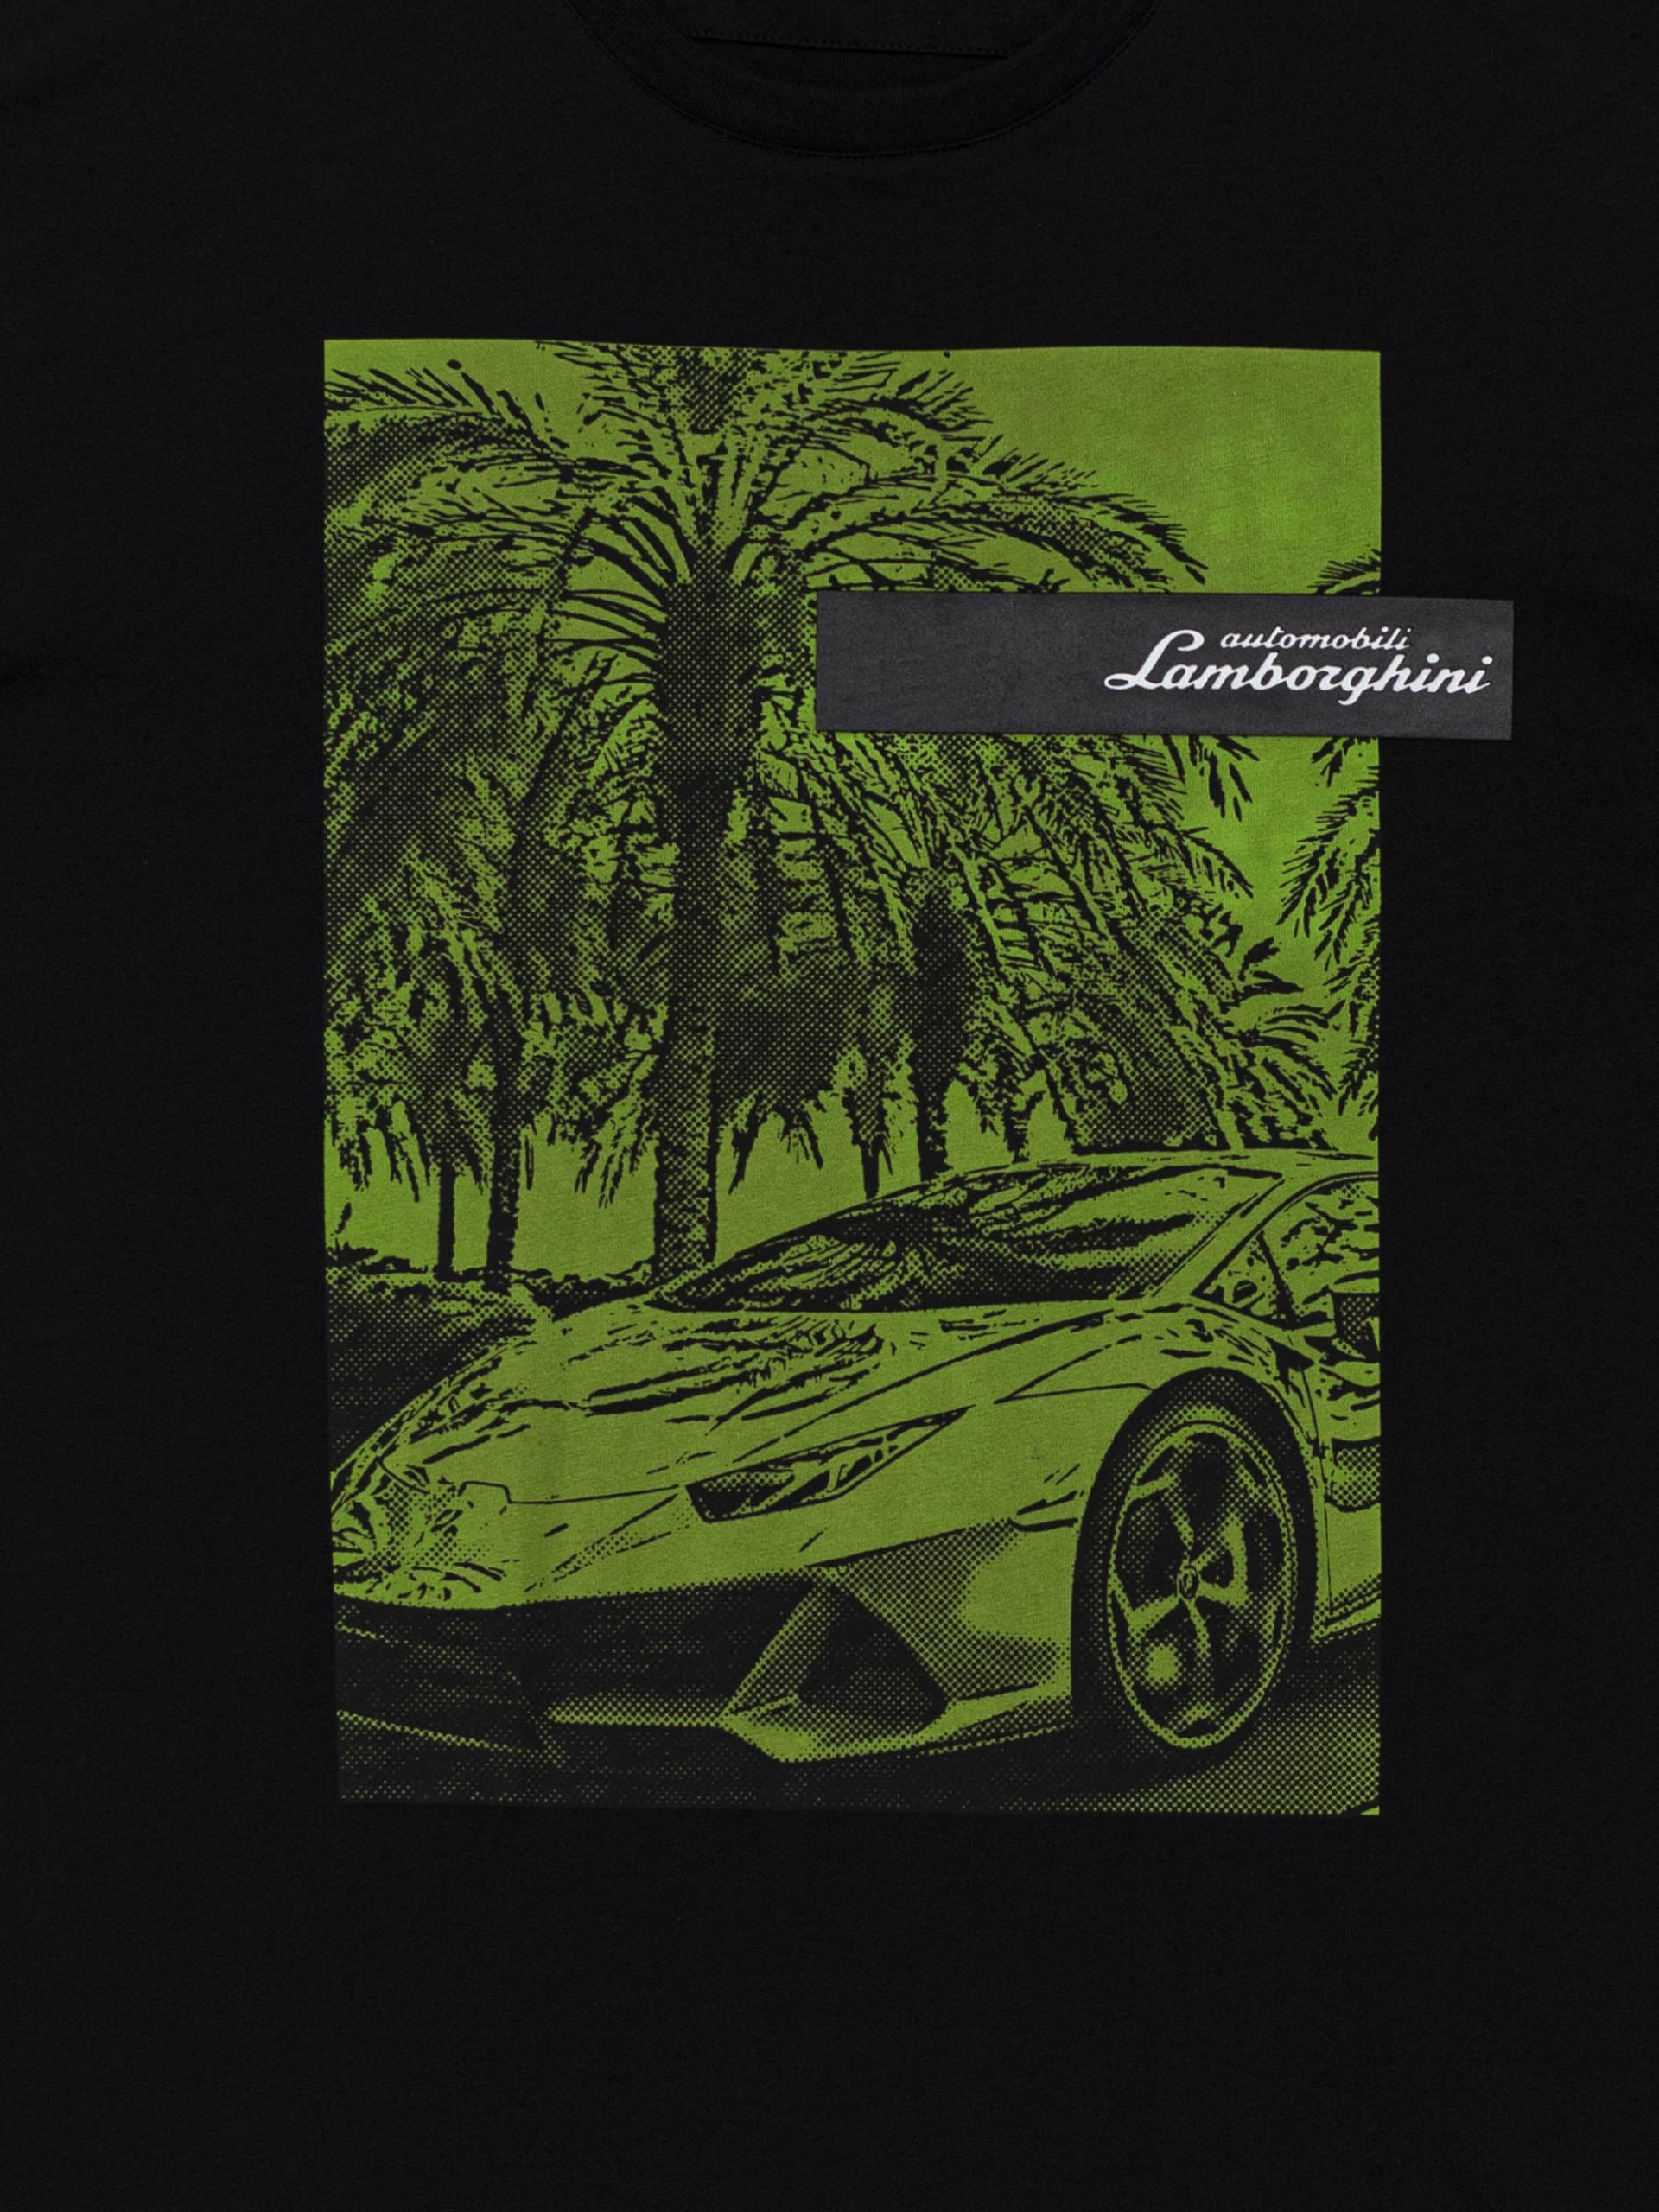 moda tecnologia Automobili Lamborghini